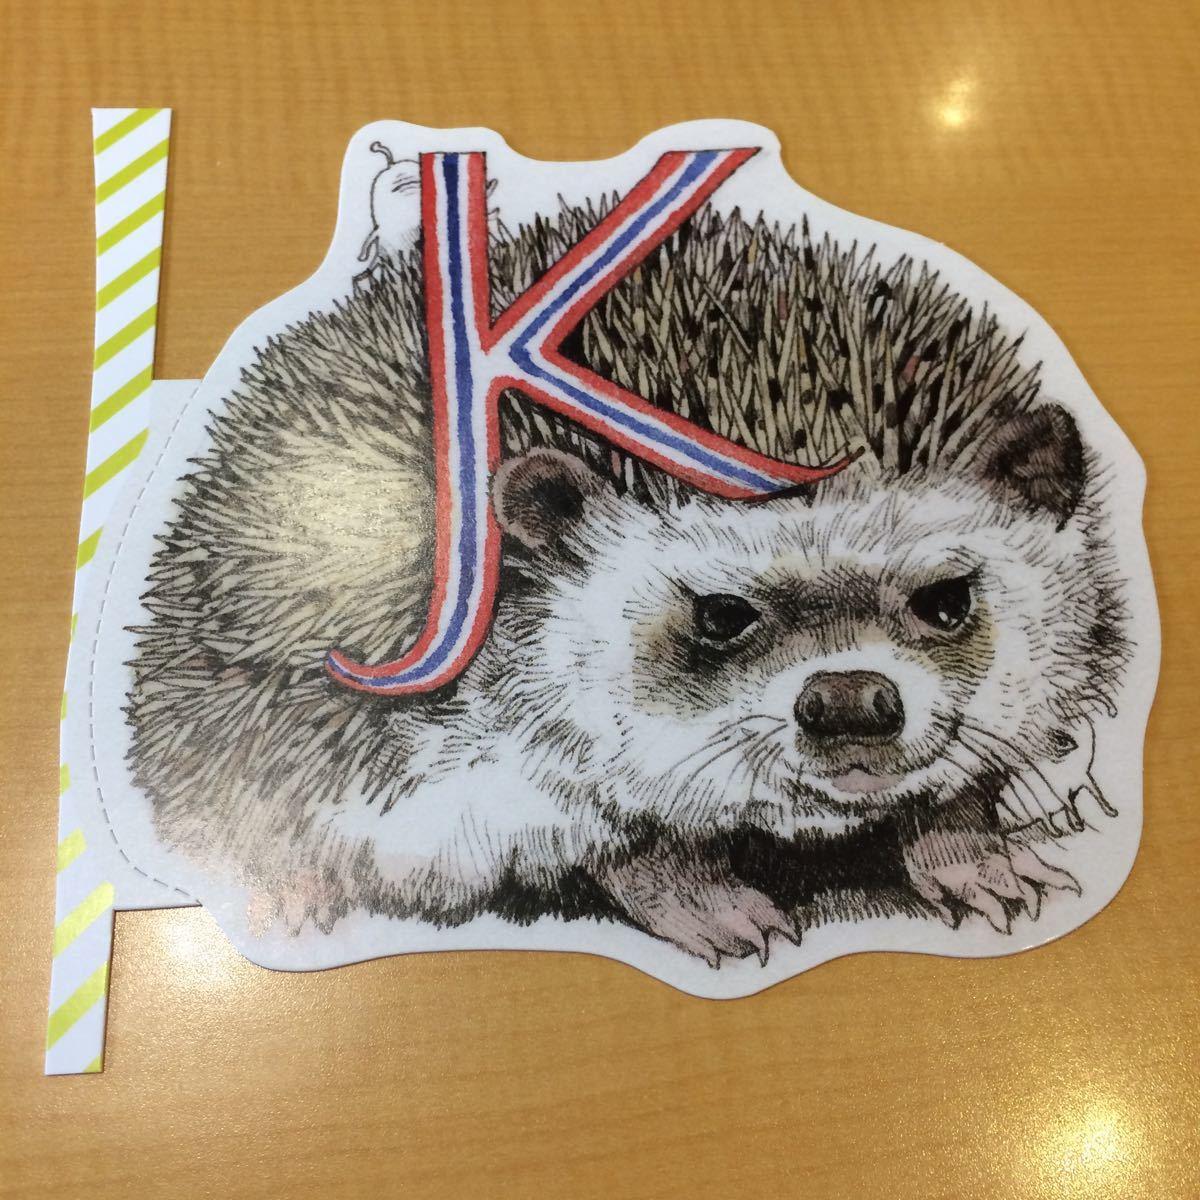 ヒグチユウコ 型抜きポストカード K アルファベット 葉書 ハガキ はがき メッセージカード ネコ 猫 ねこ 動物 イニシャル_画像1